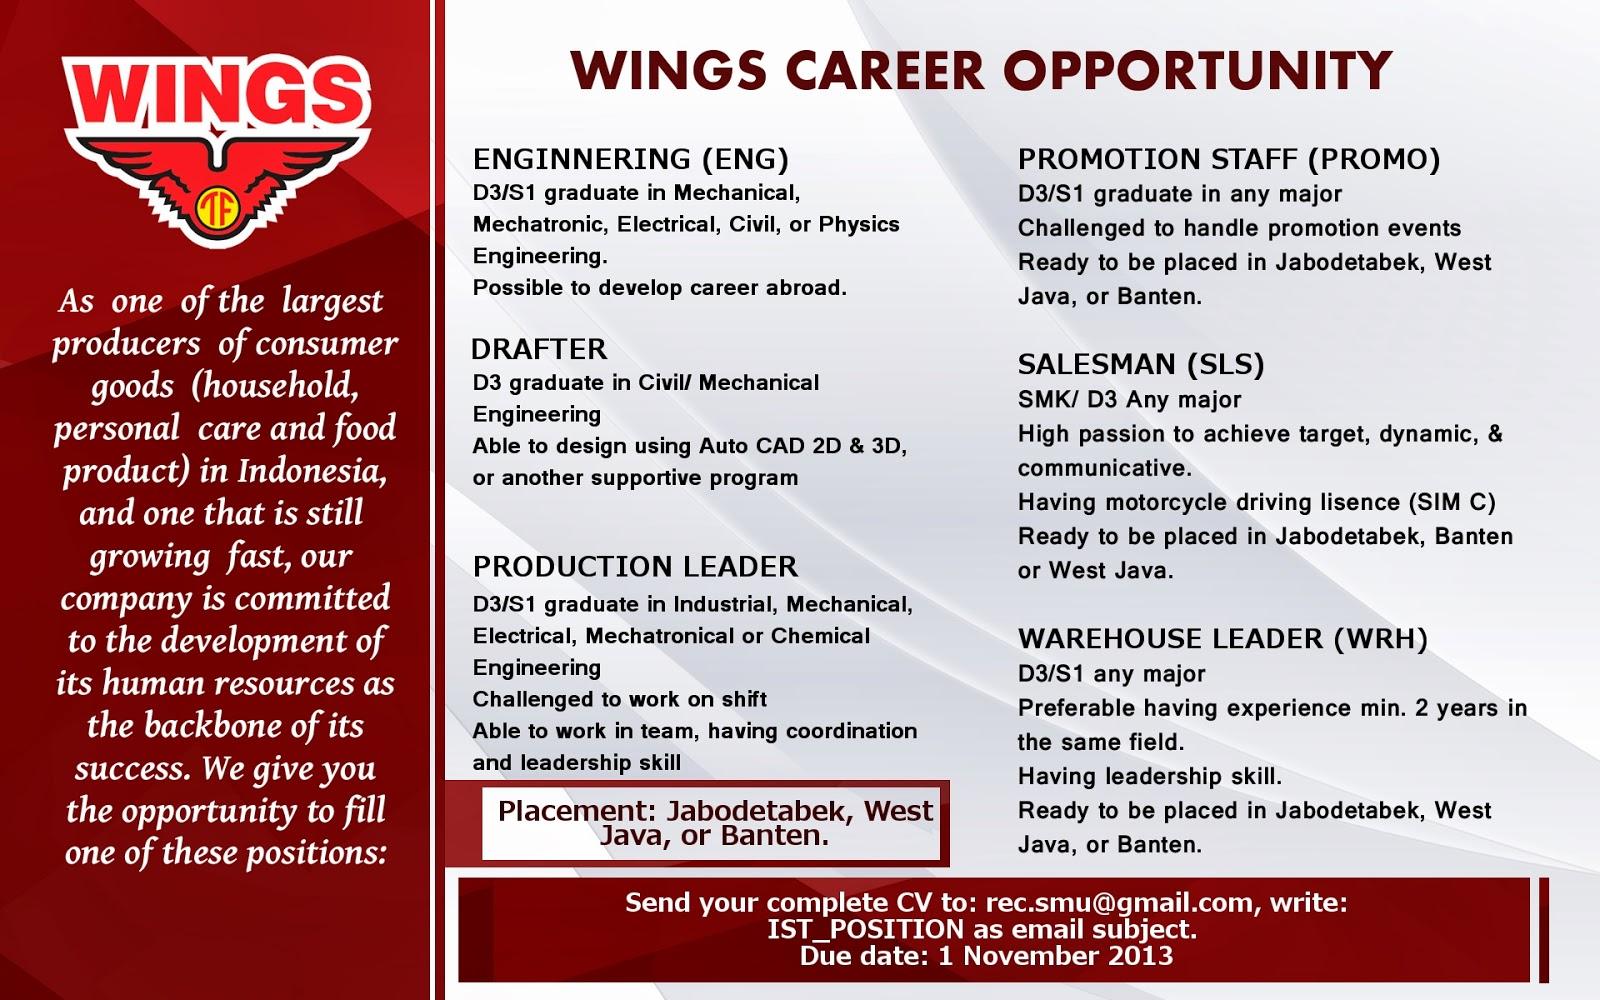 Lowongan Kerja Wings Food